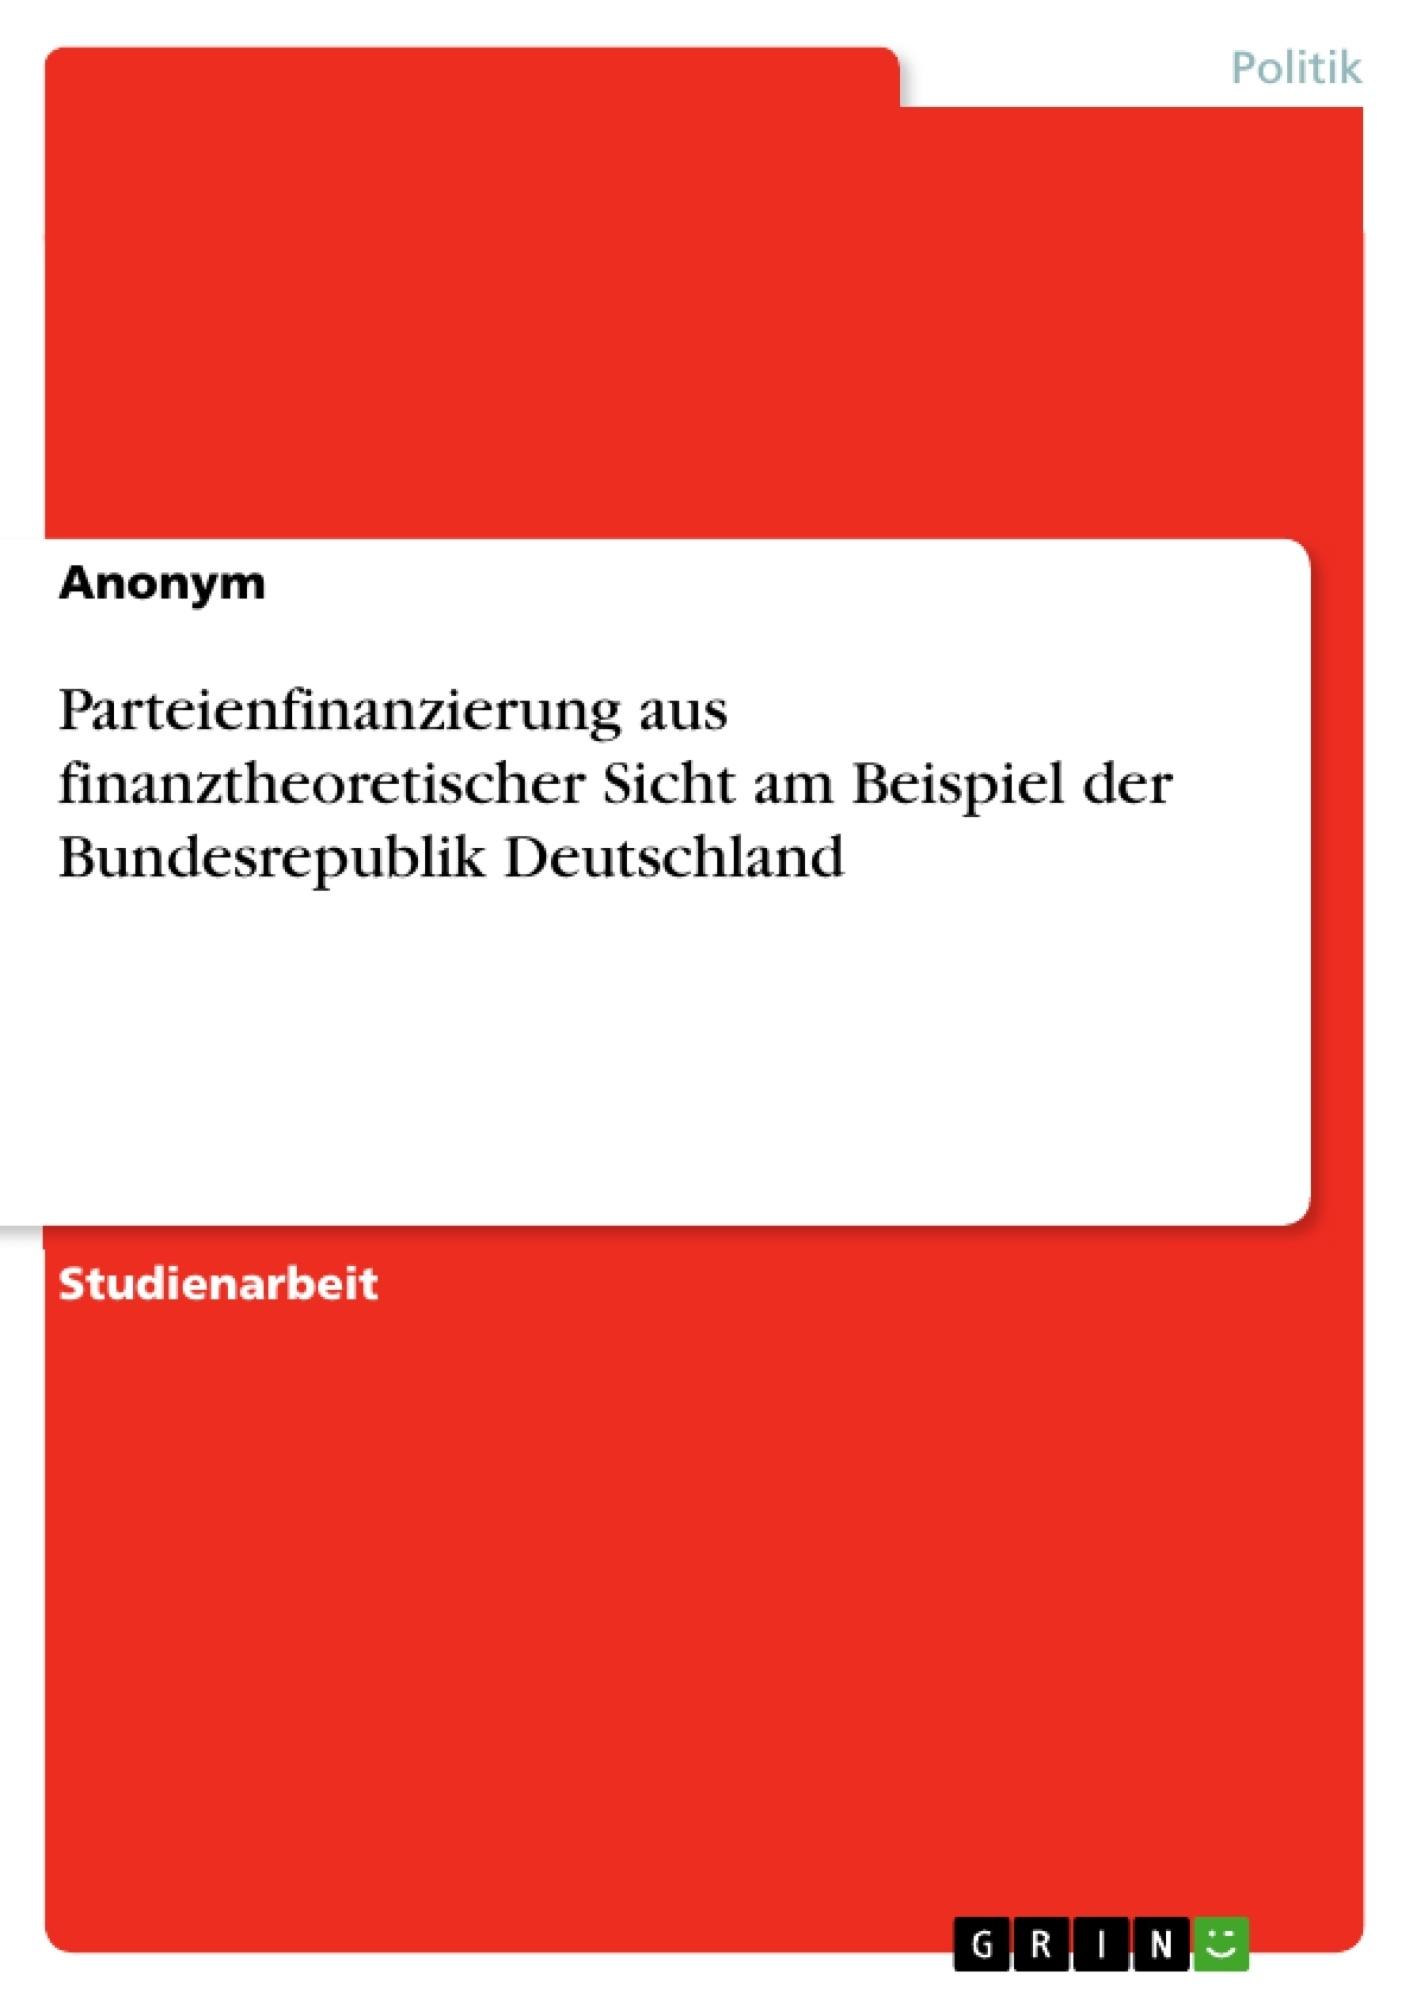 Titel: Parteienfinanzierung aus finanztheoretischer Sicht am Beispiel der Bundesrepublik Deutschland